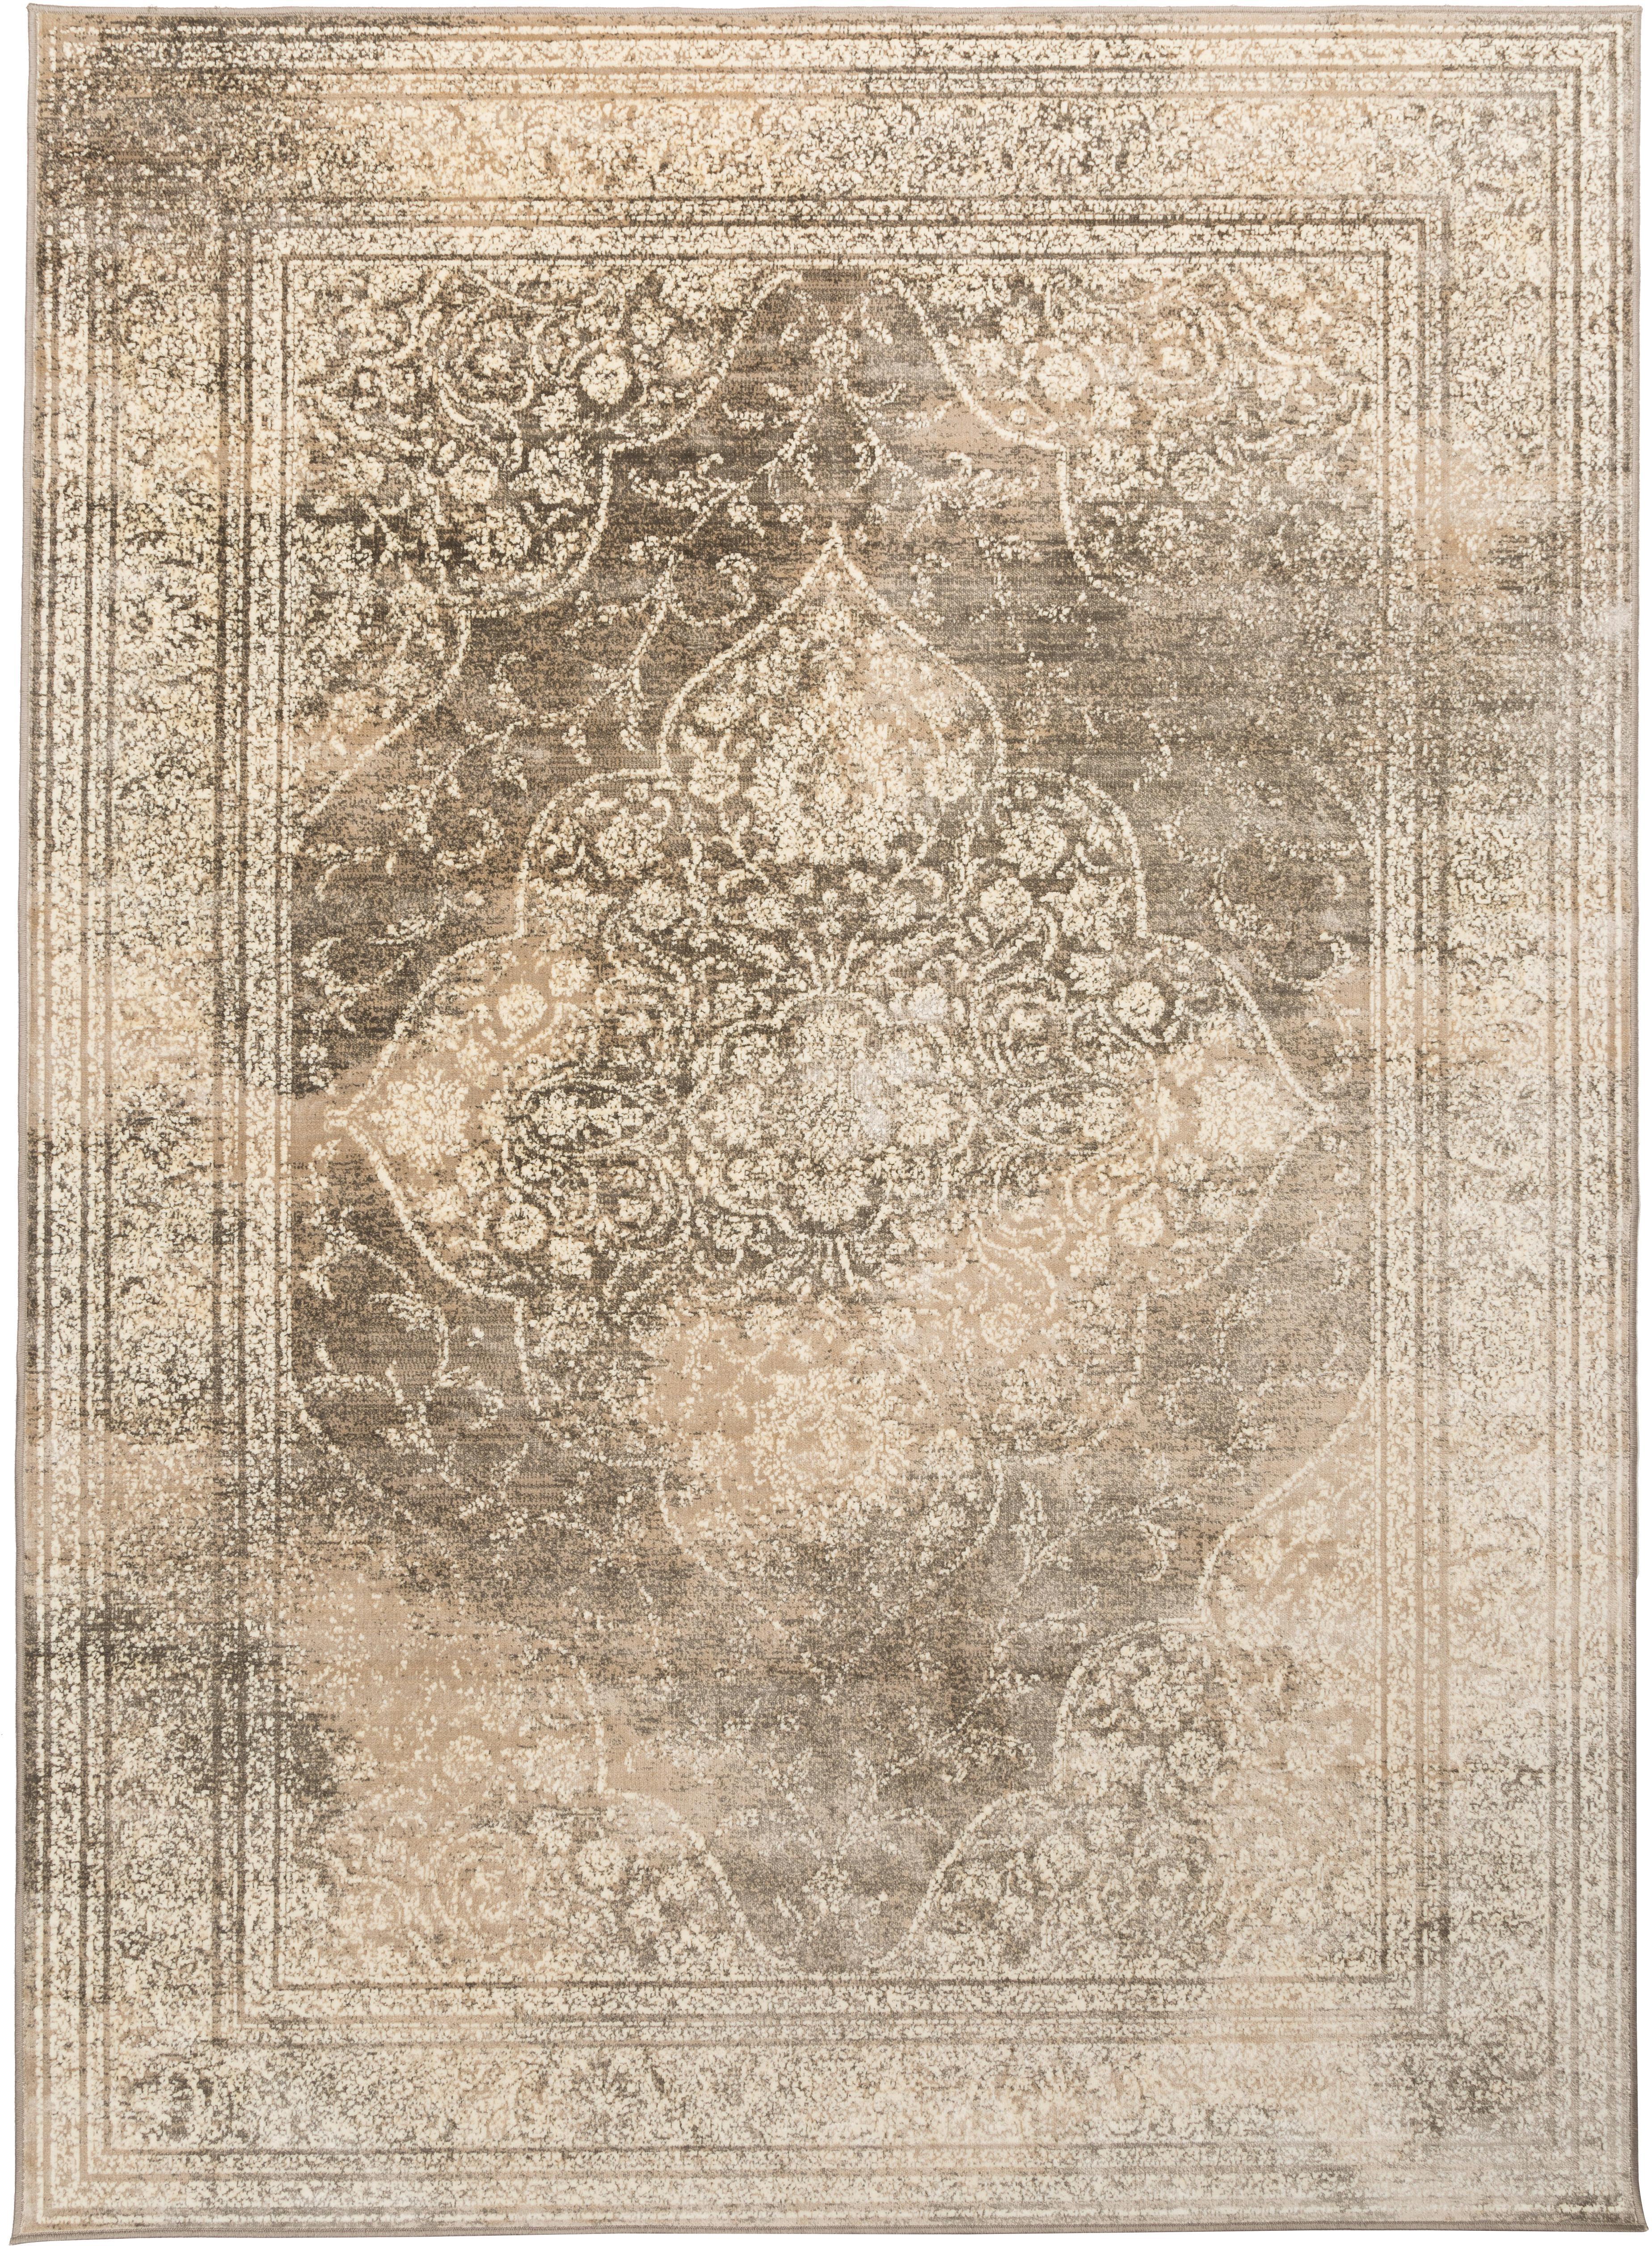 Vintage vloerkleed Rugged in beige, Beige, bruin, 170 x 240 cm